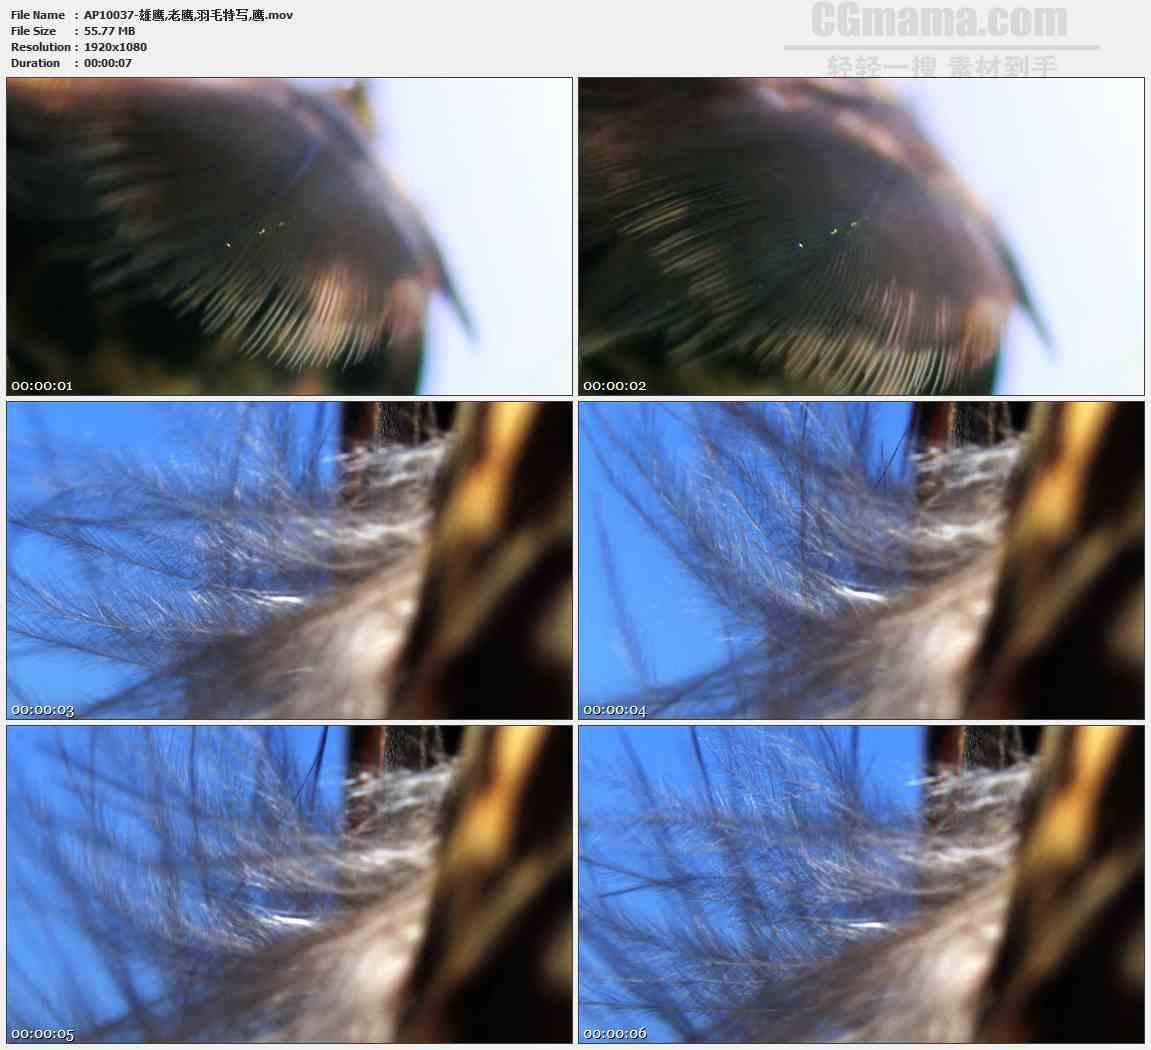 AP10037-雄鹰老鹰羽毛特写高清实拍视频素材